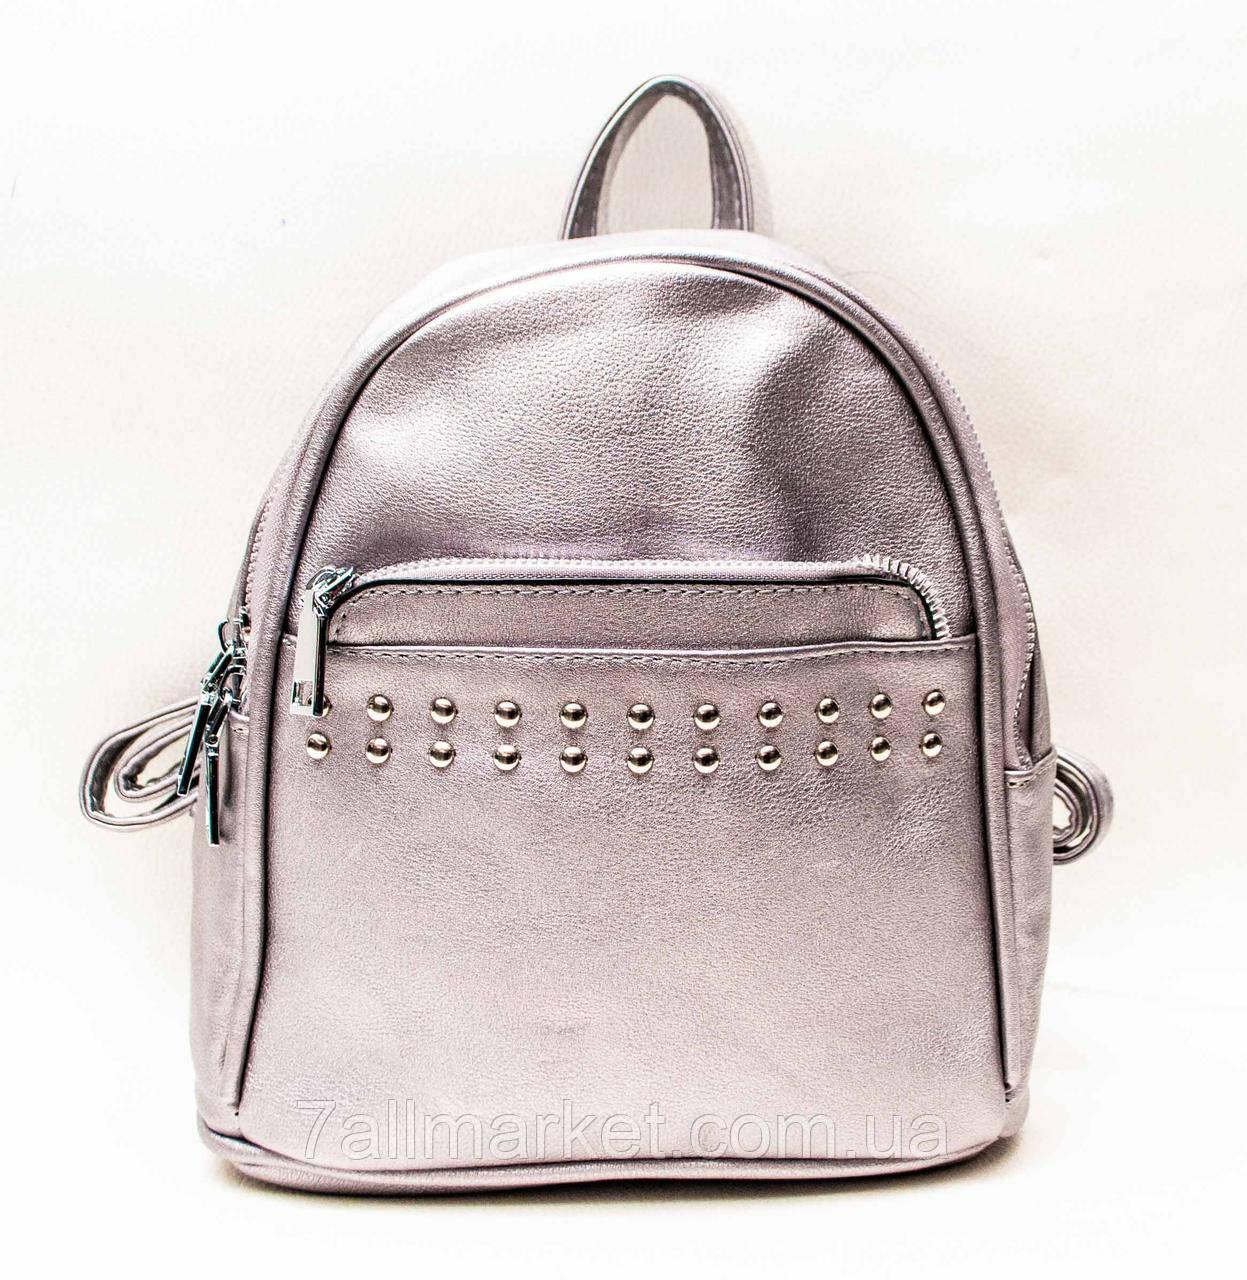 38ac1a04c93e Рюкзак женский стильный, экокожа, р. 20*23 см (4 цв.)